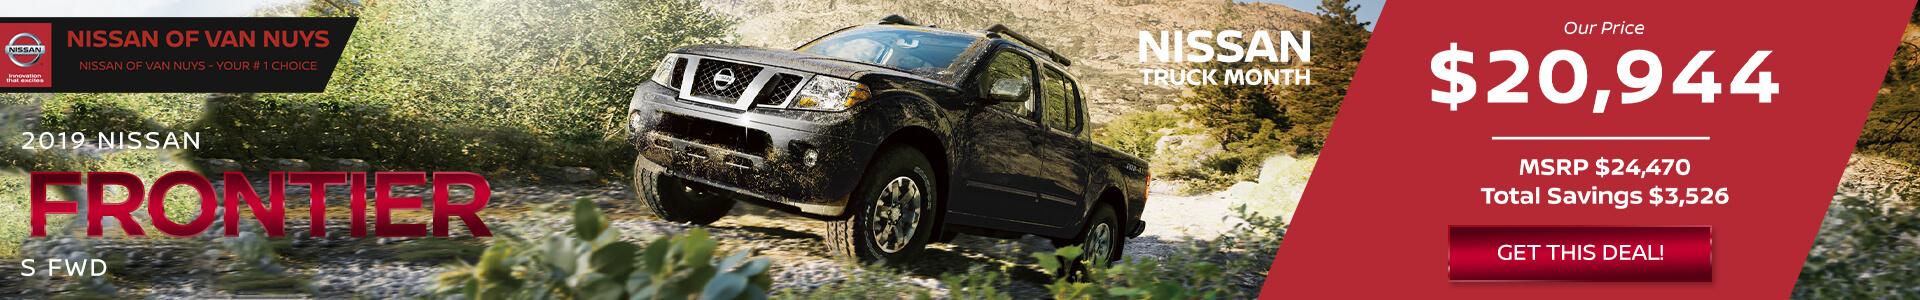 Nissan Frontier $20,944